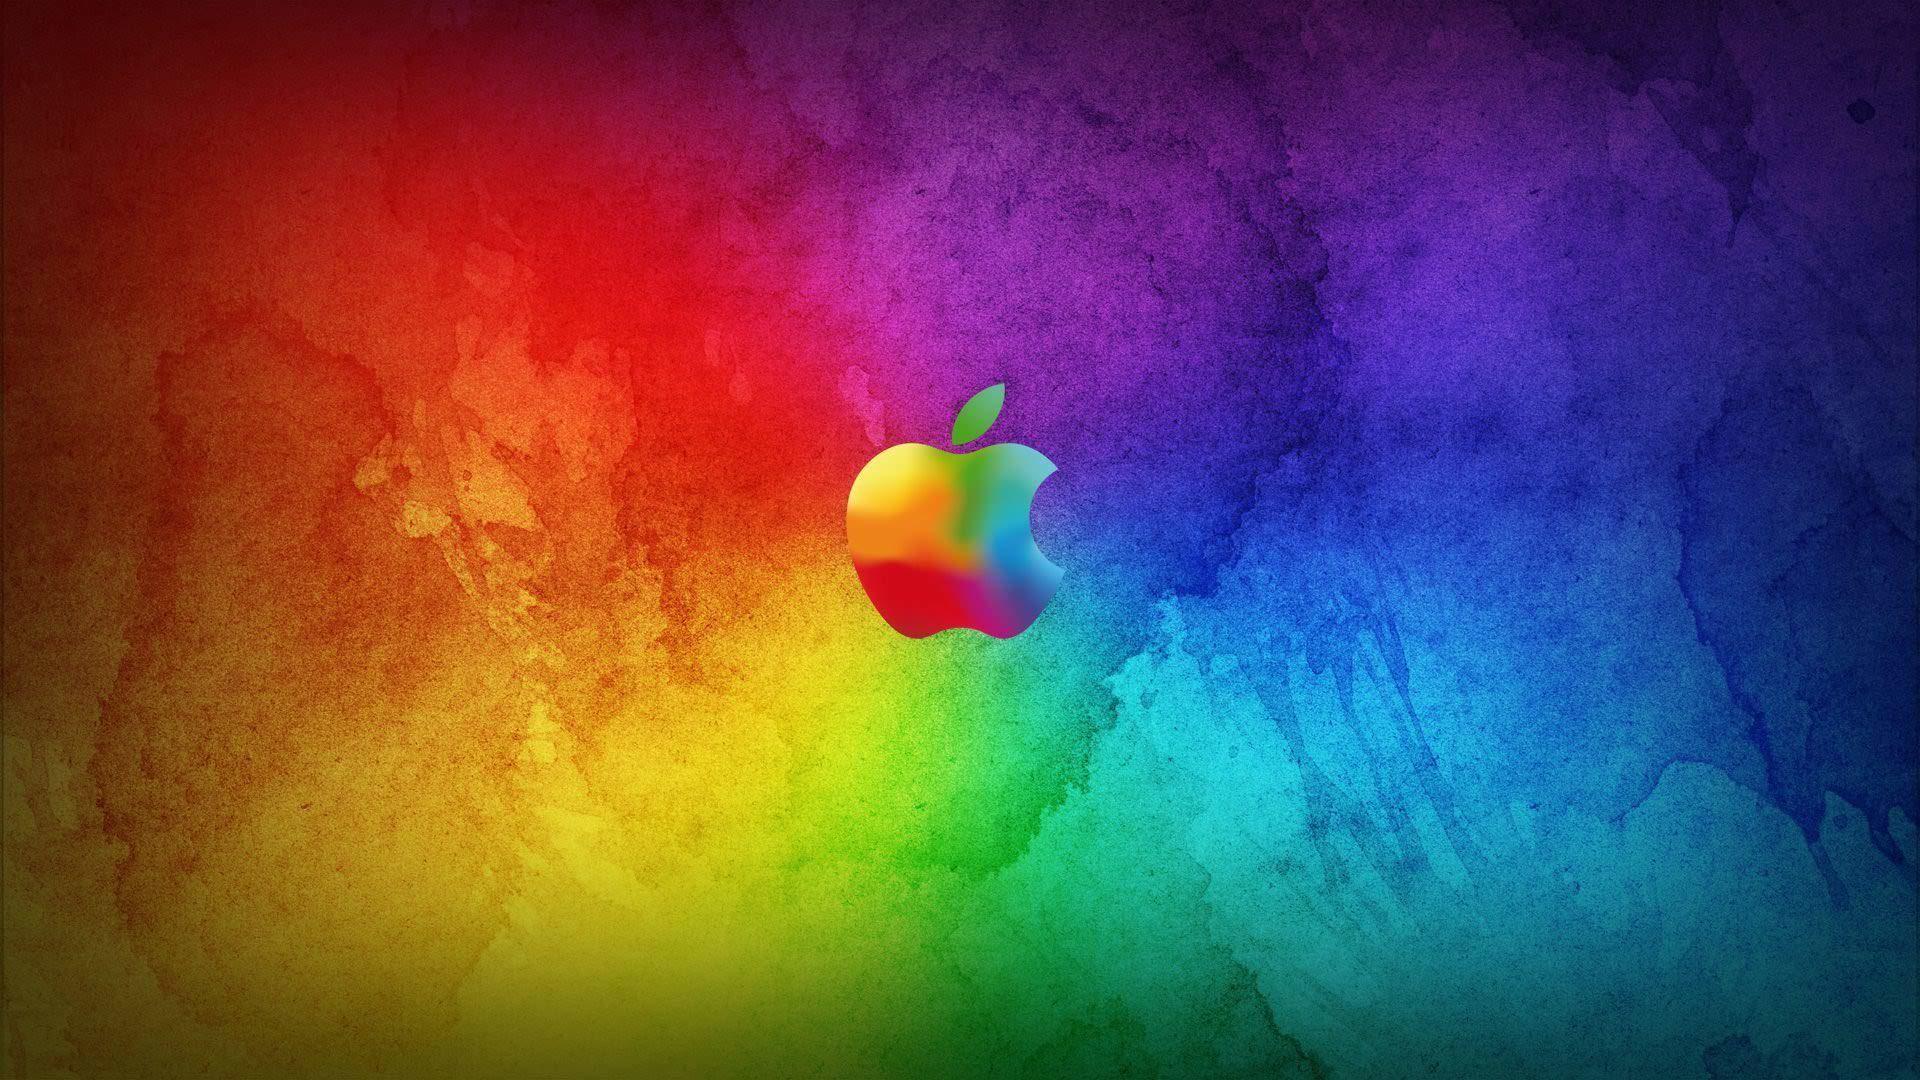 Res: 1920x1080, apple 3d hd wallpaper #857745